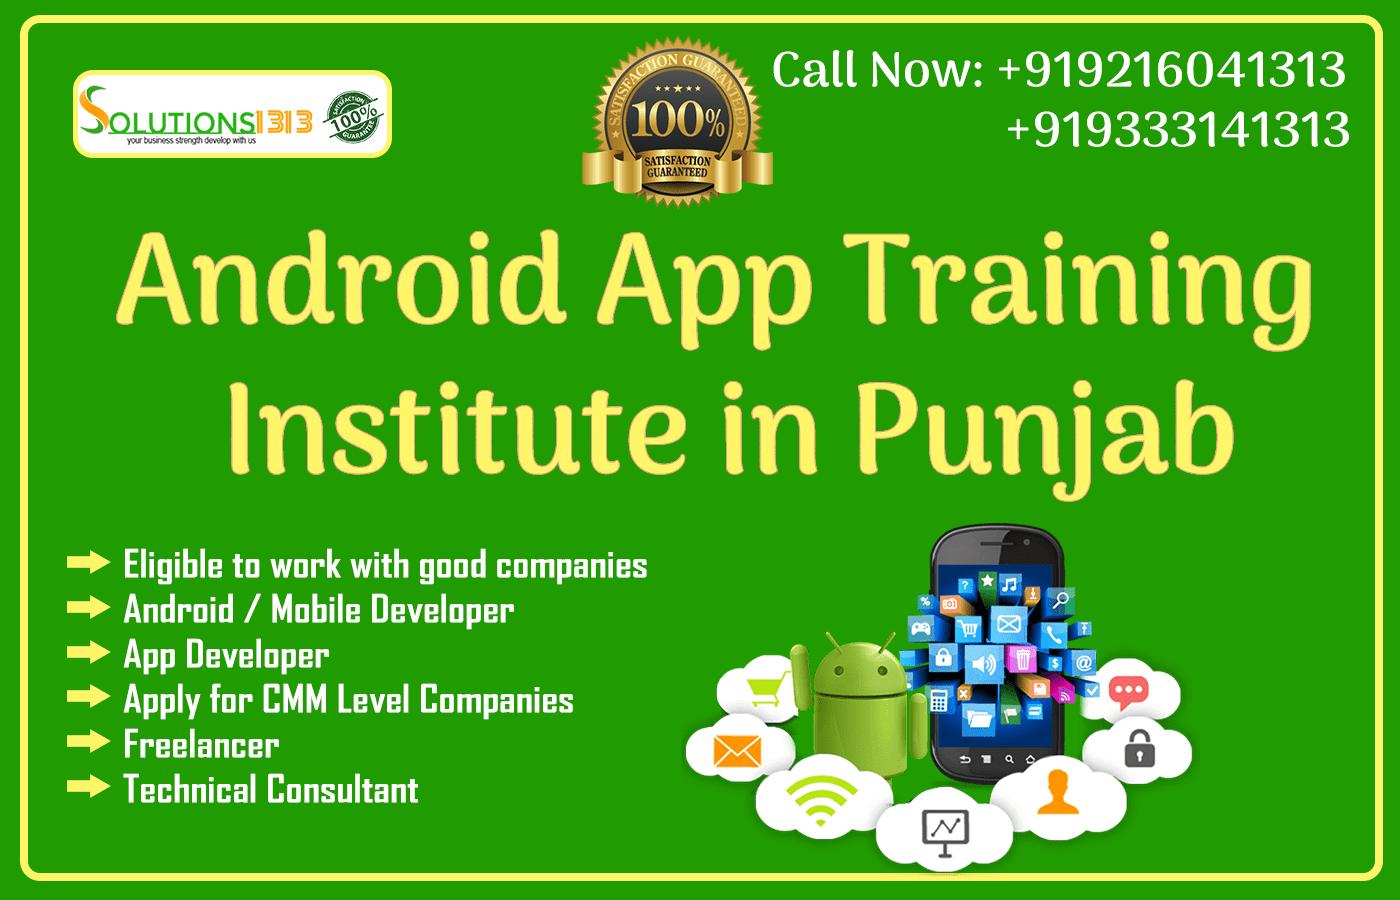 Android Training Institute in Punjab